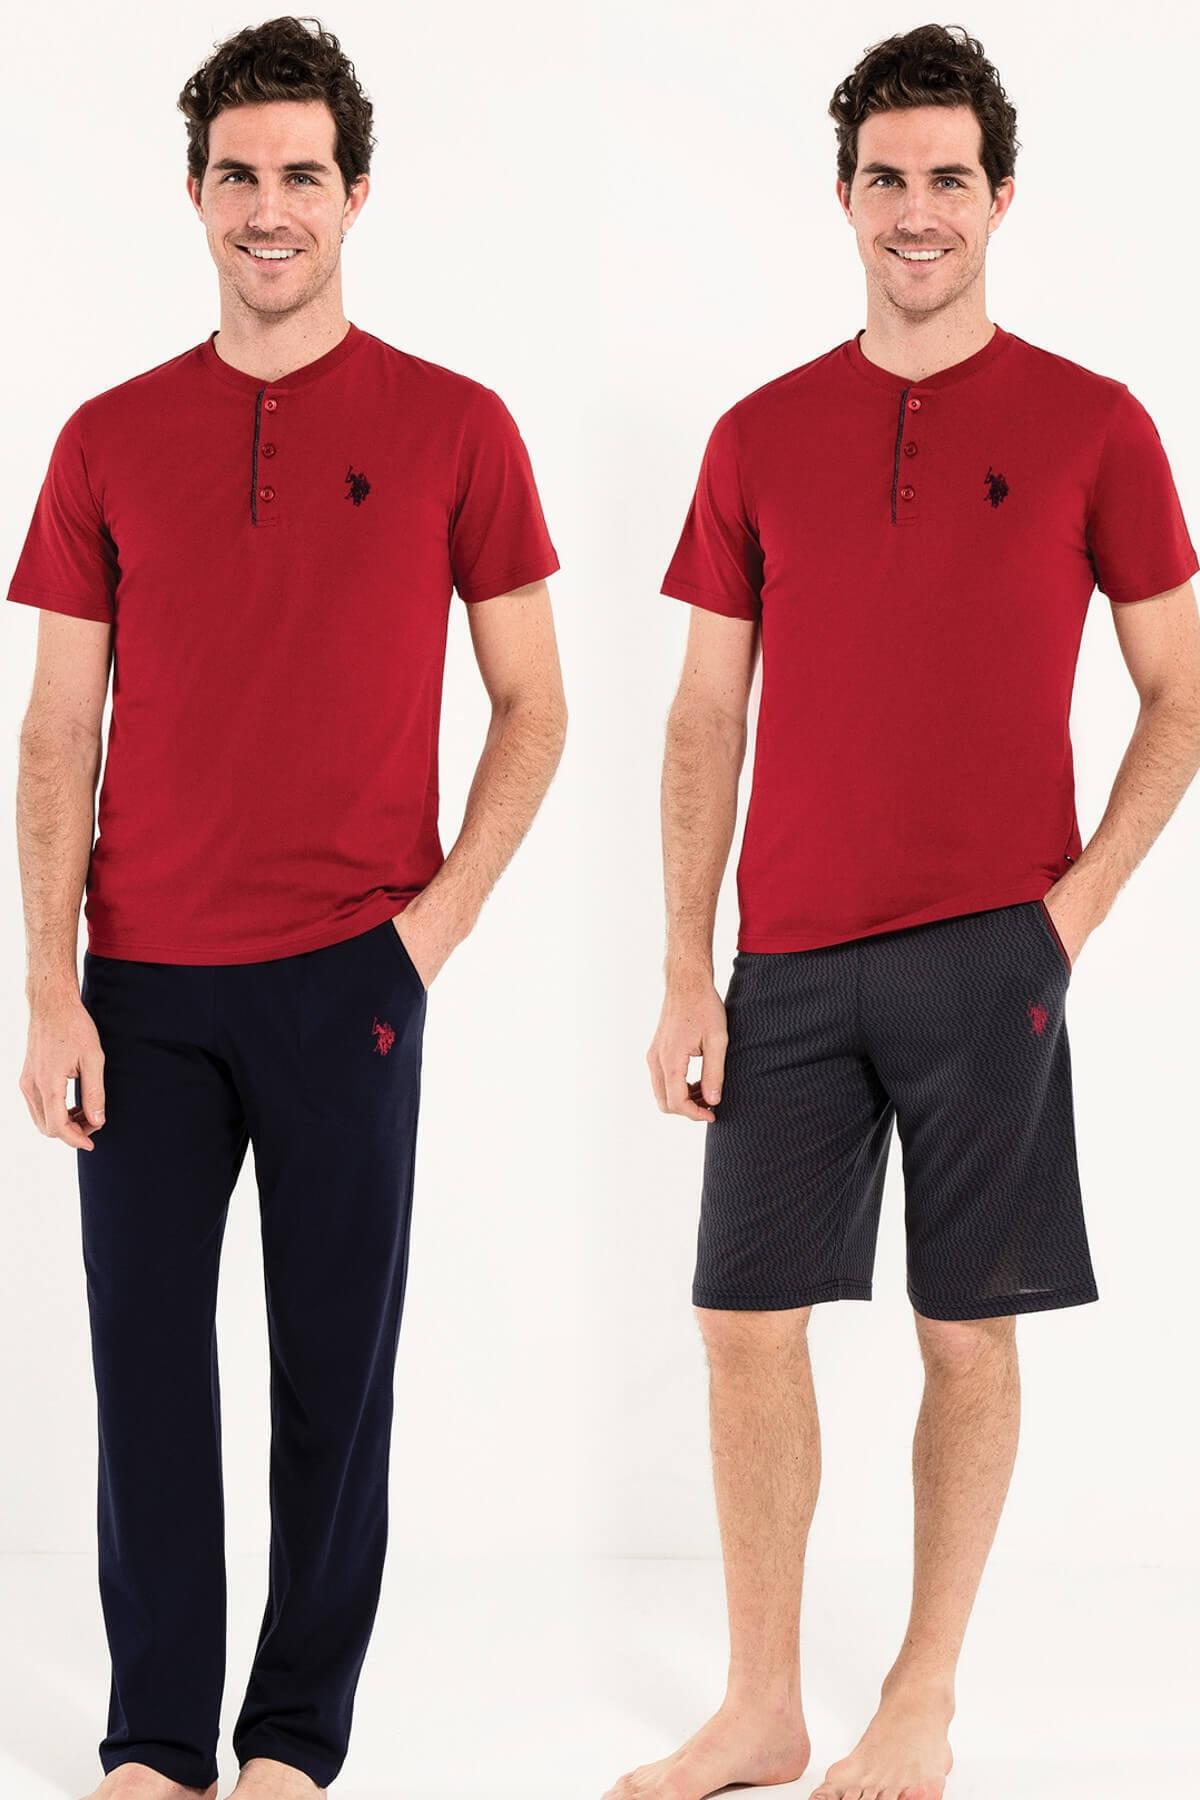 U.S. Polo Assn. Erkek Bordo Kısa Kollu Pijama ve  Şort 1